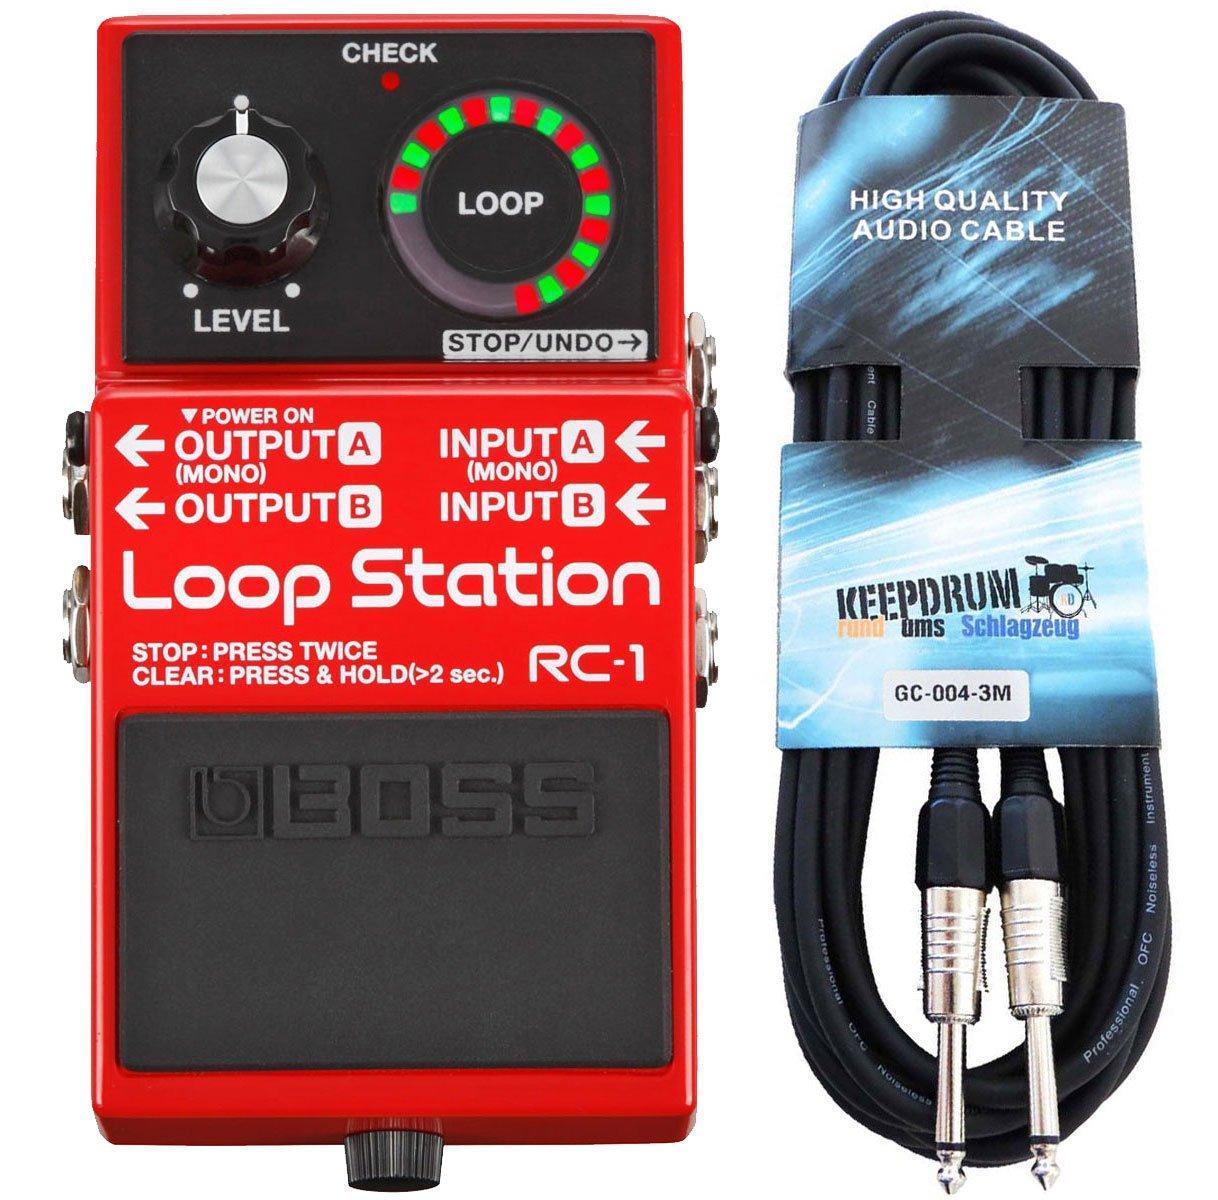 Boss RC-1 Loop Station Looper-Pedal + Keepdrum Gitarren-Kabel 3m Boss Guitar Equipment